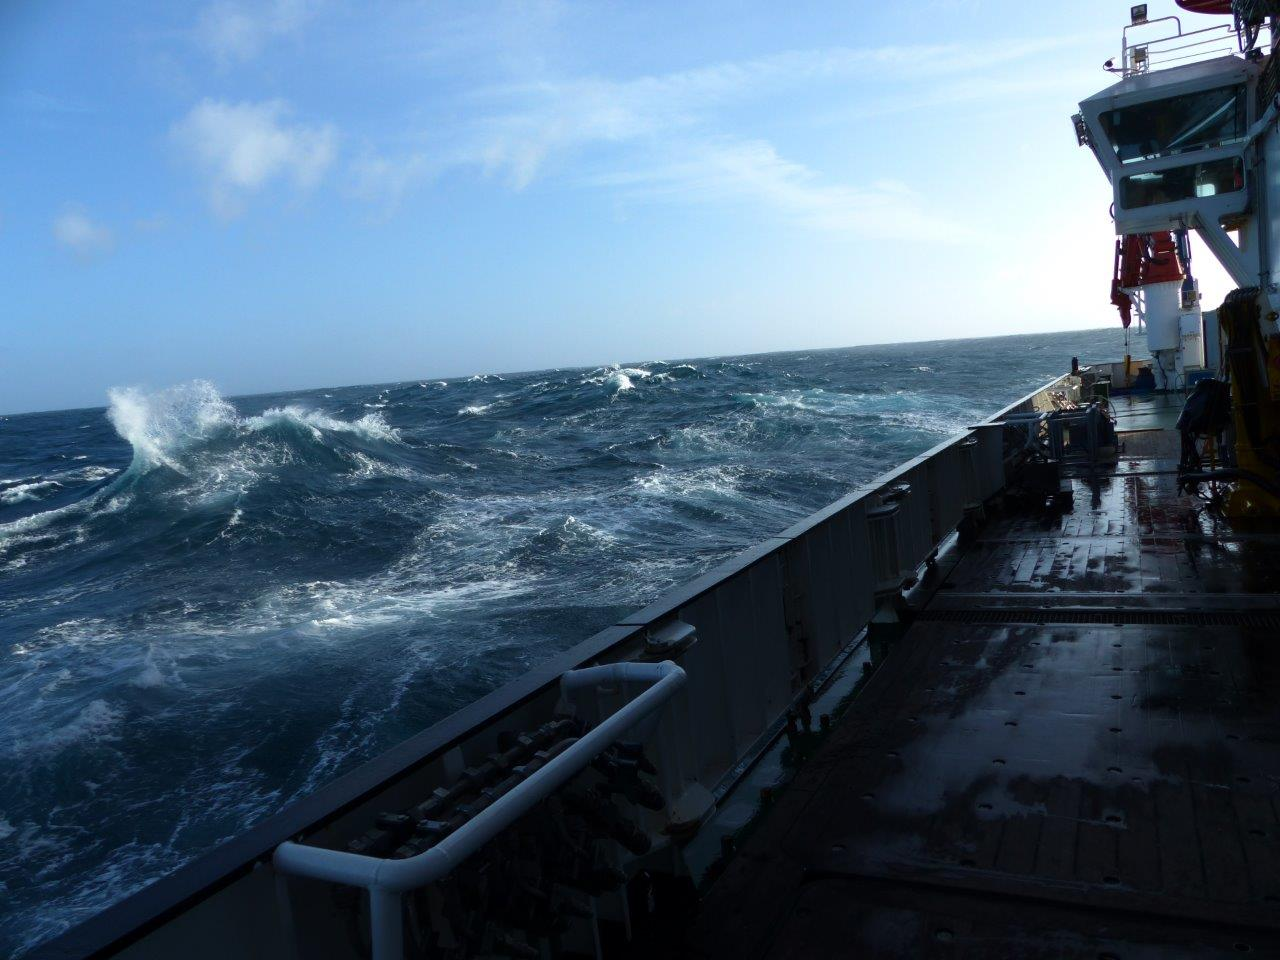 vagas-agitadas-observadas-a-partir-da-amurada-do-navio-rss-discovery